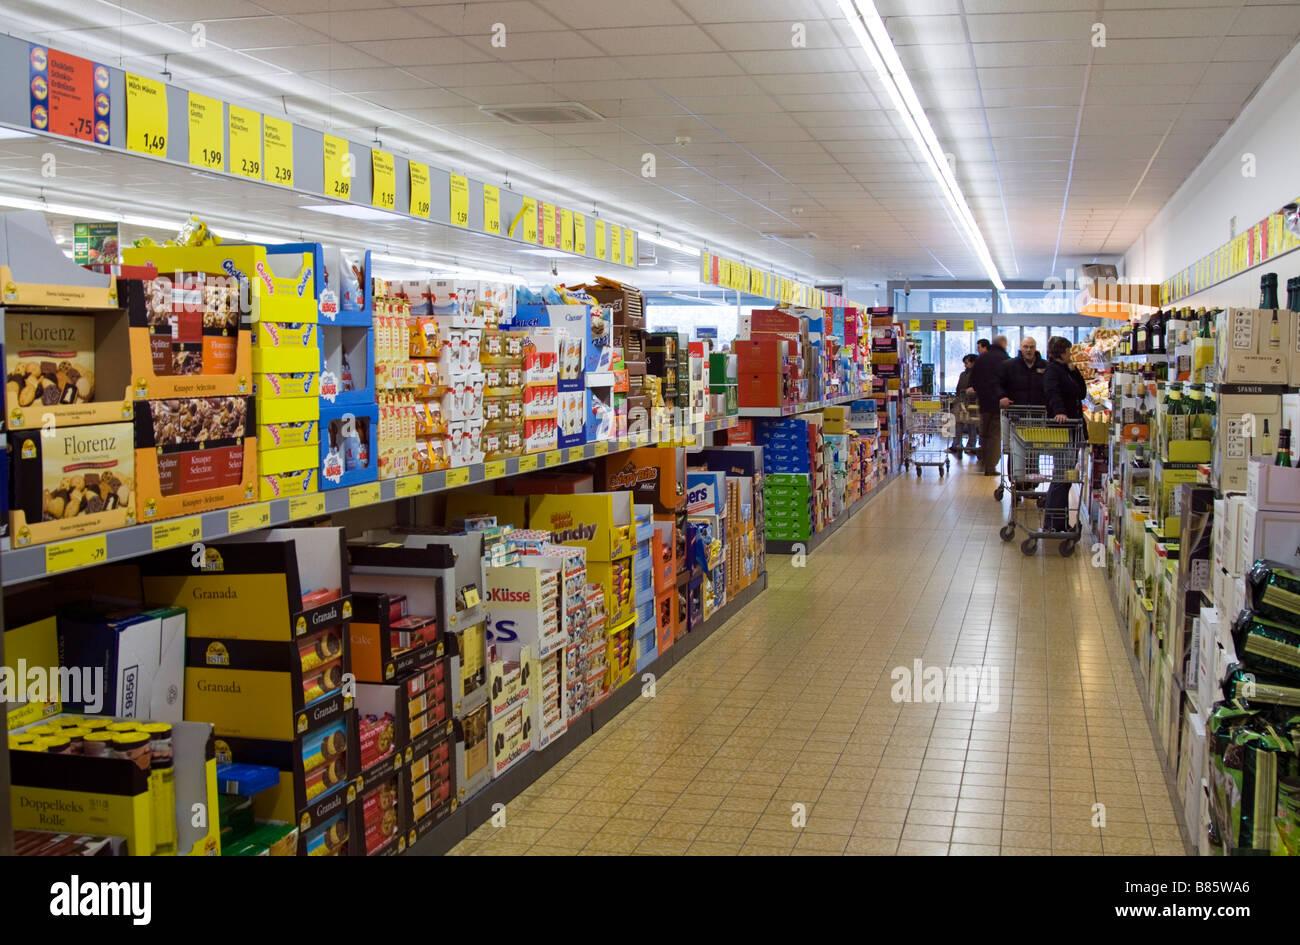 Aldi discount supermarket Mönchengladbach Germany Stock ... Aldi Germany